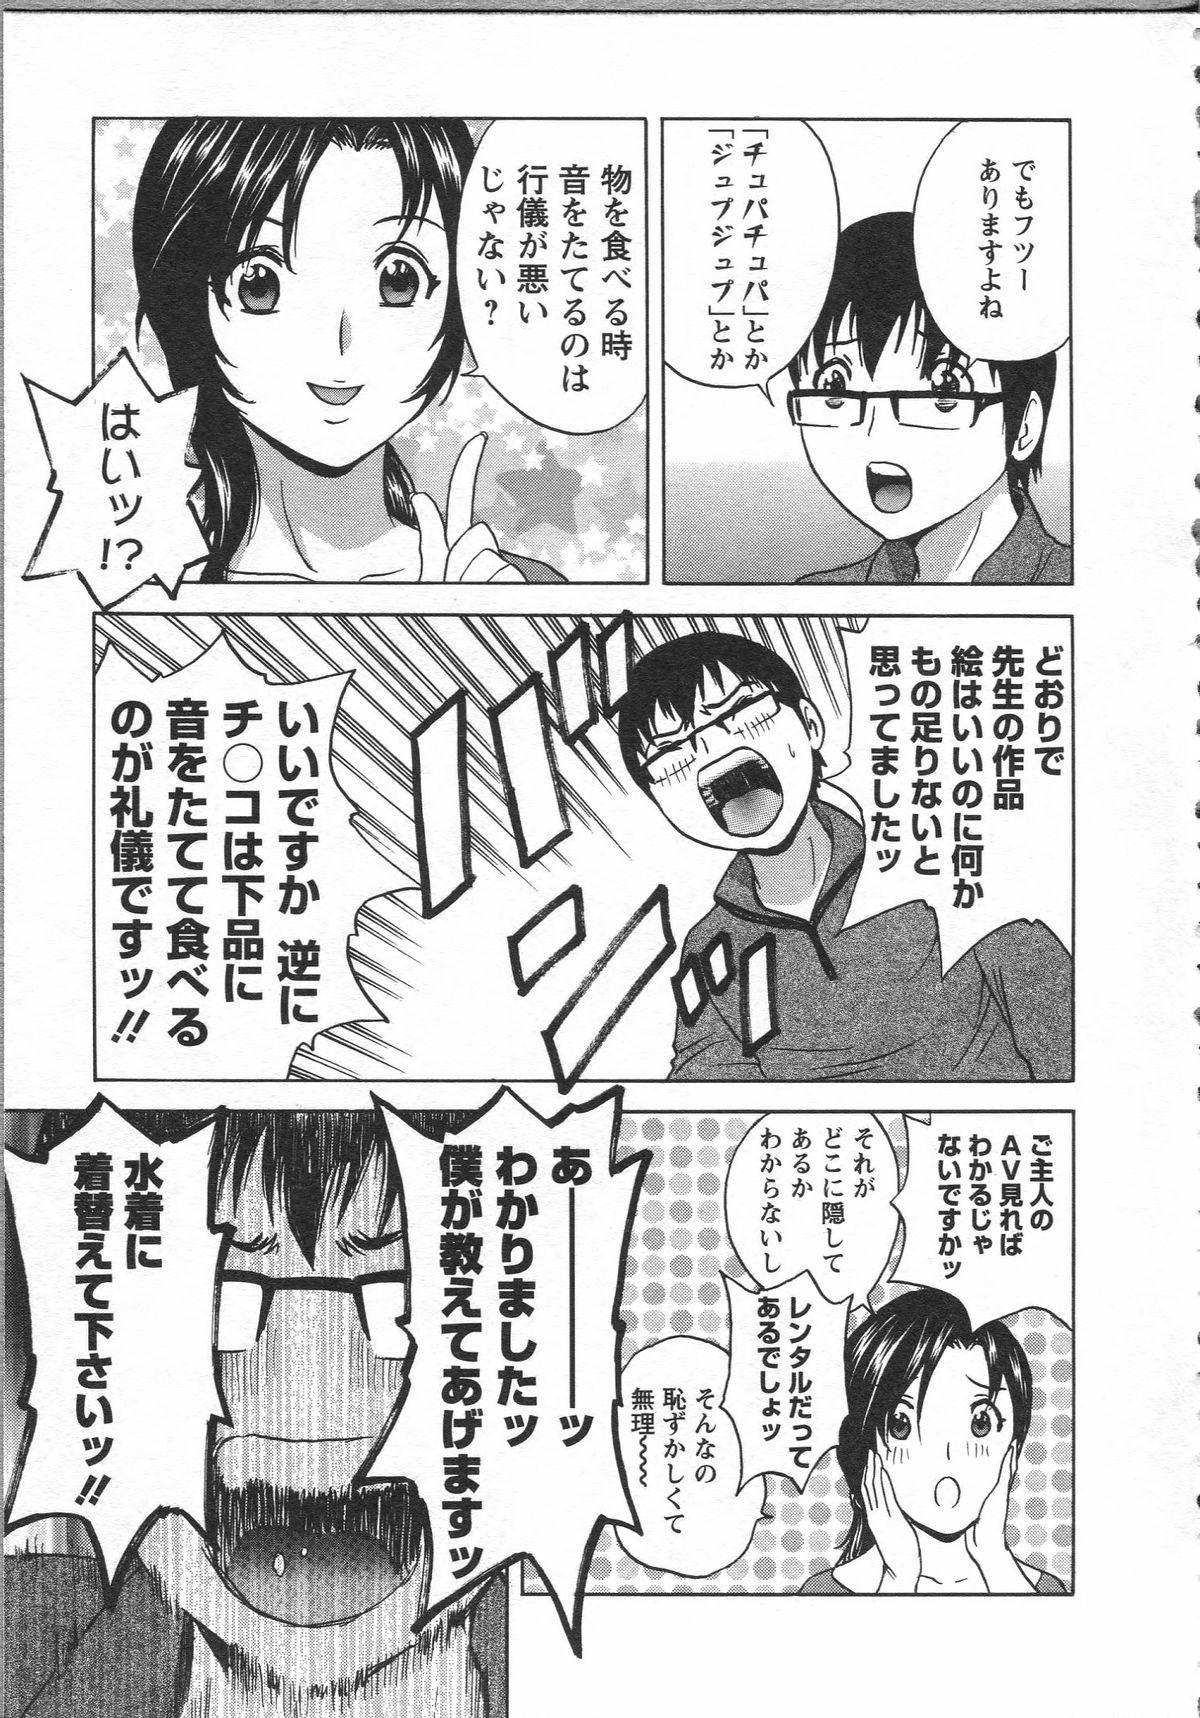 Manga no youna Hitozuma to no Hibi - Days with Married Women such as Comics. 14